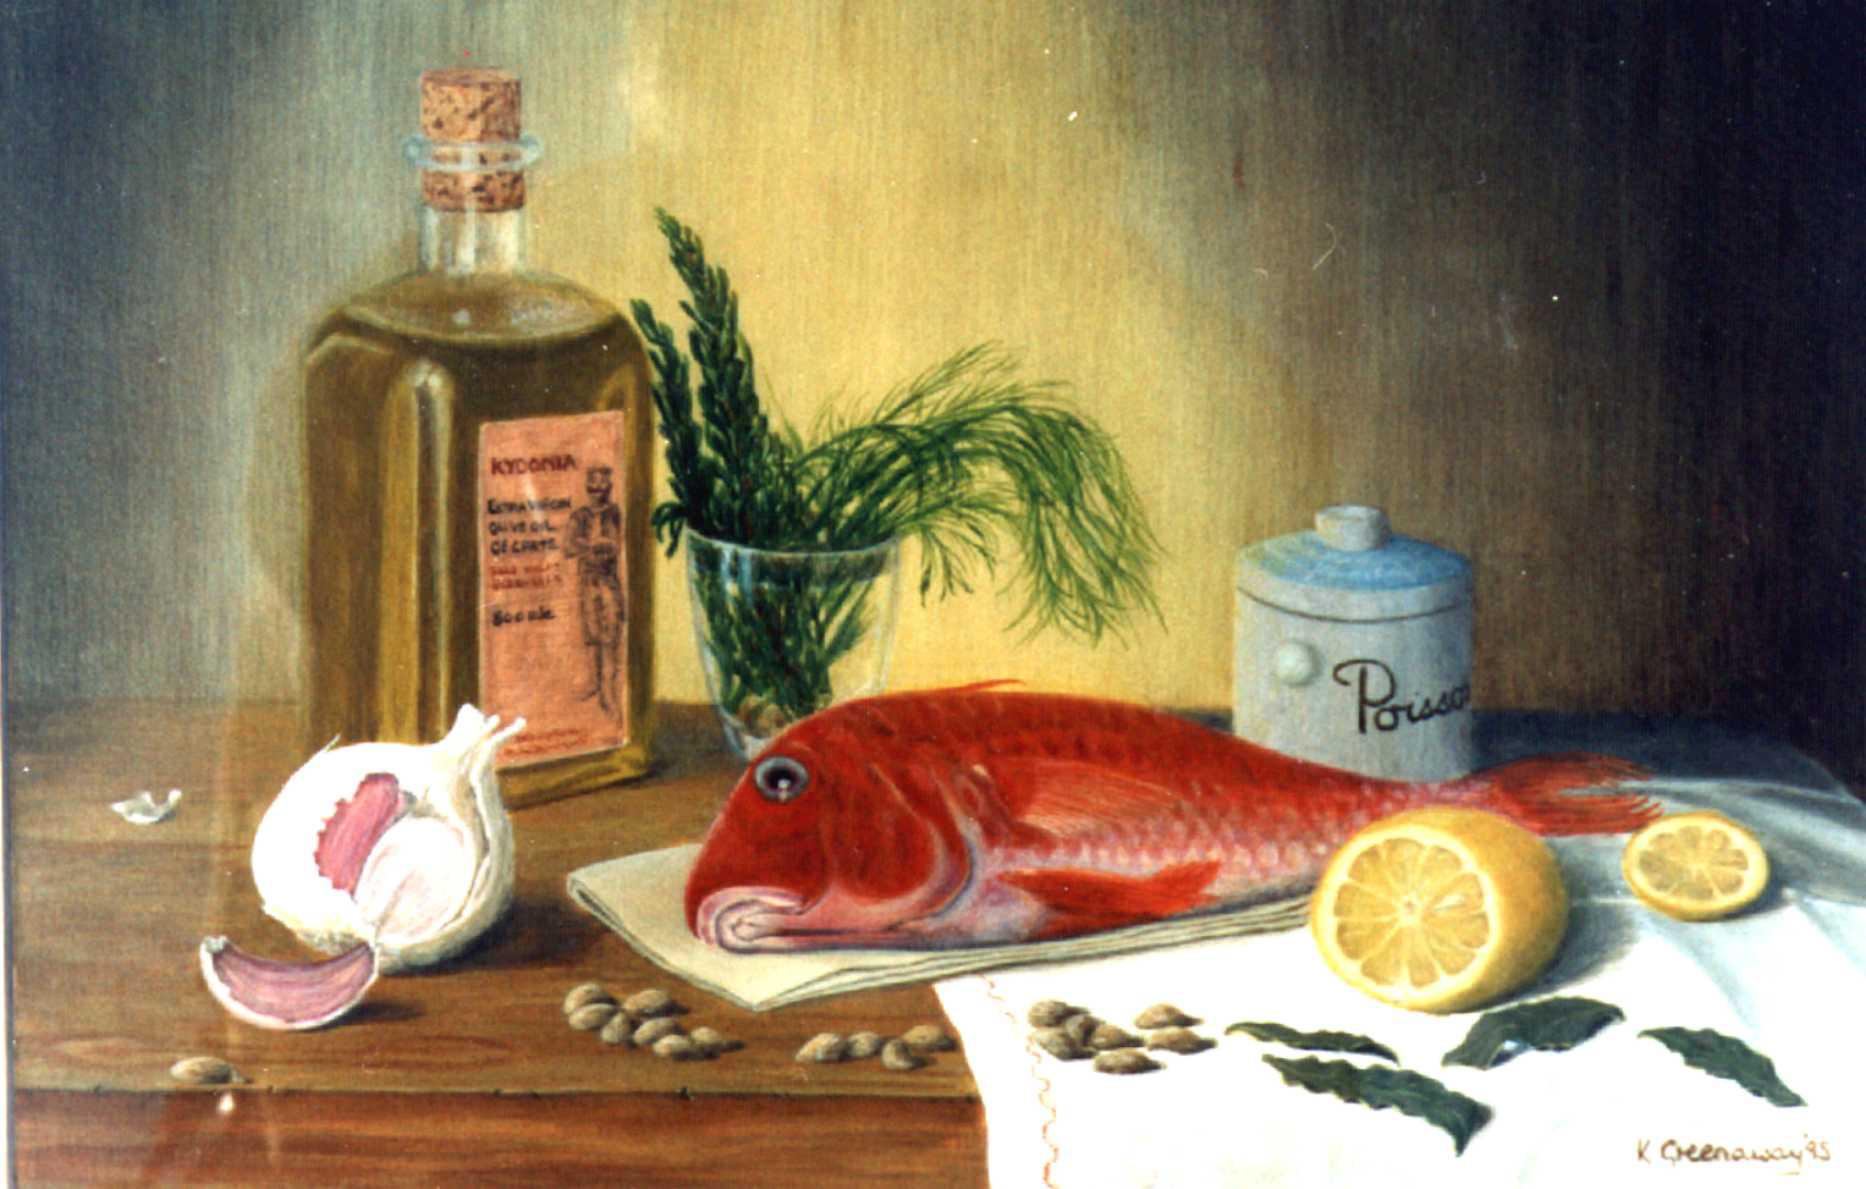 Художник Kate Greenaway картина Барабулька Red Mullet and Herbs пейзажи природы Альберт Сафиуллин